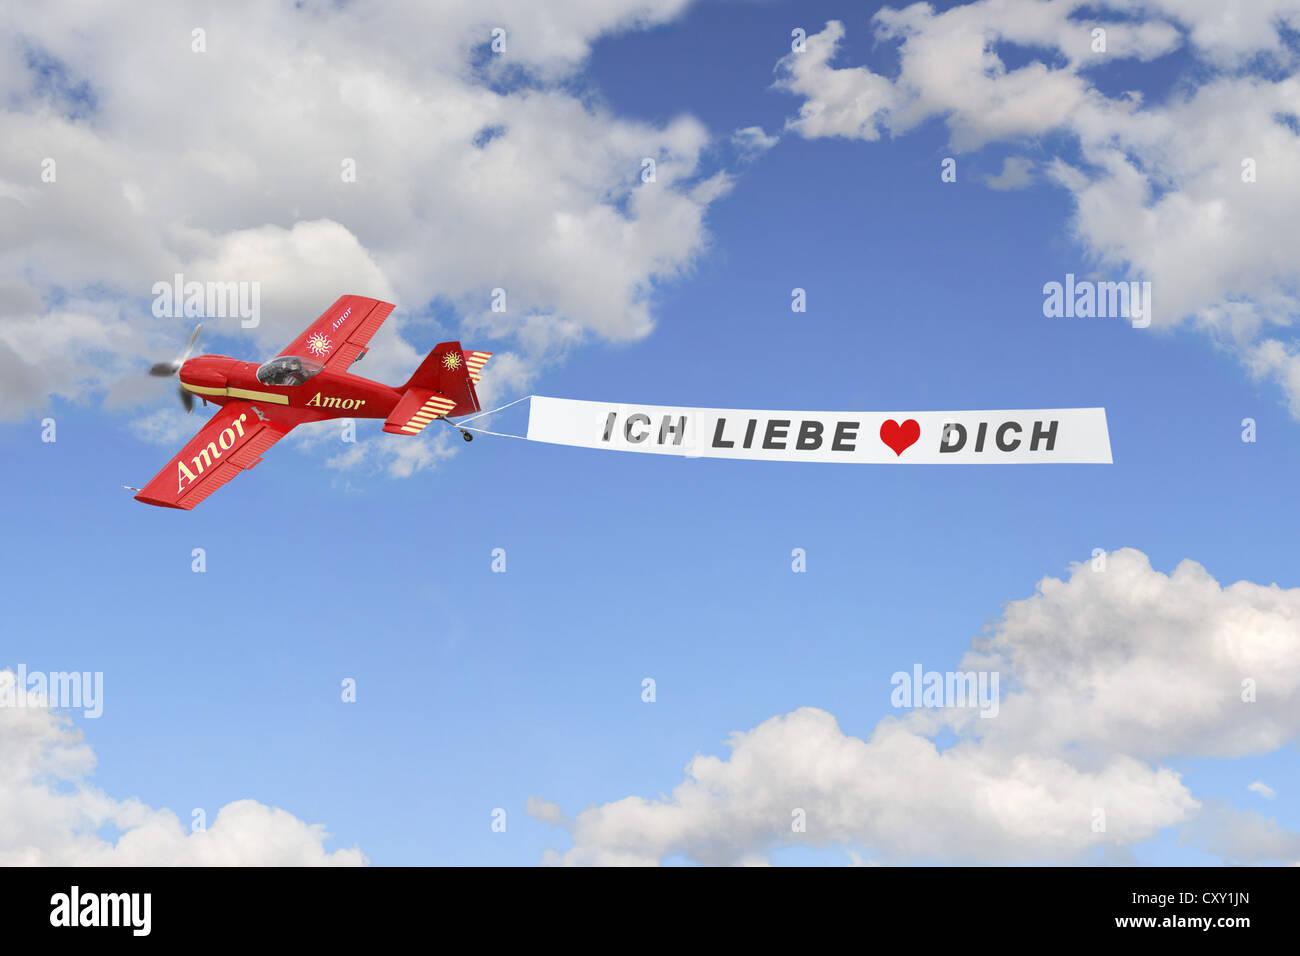 Images Fighter Jet Cake